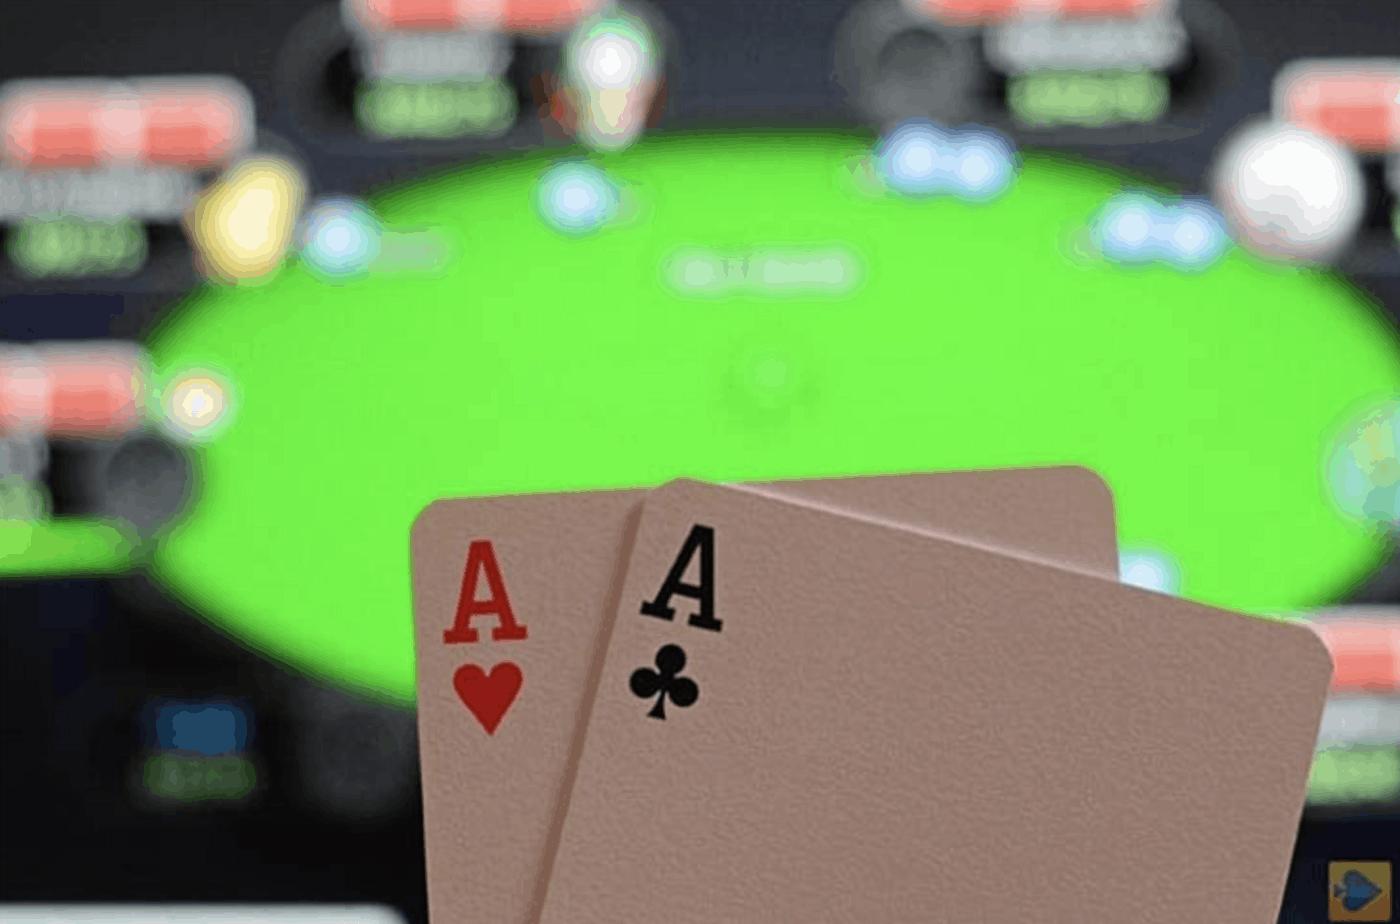 Khám phá bí mật của trò chơi Poker